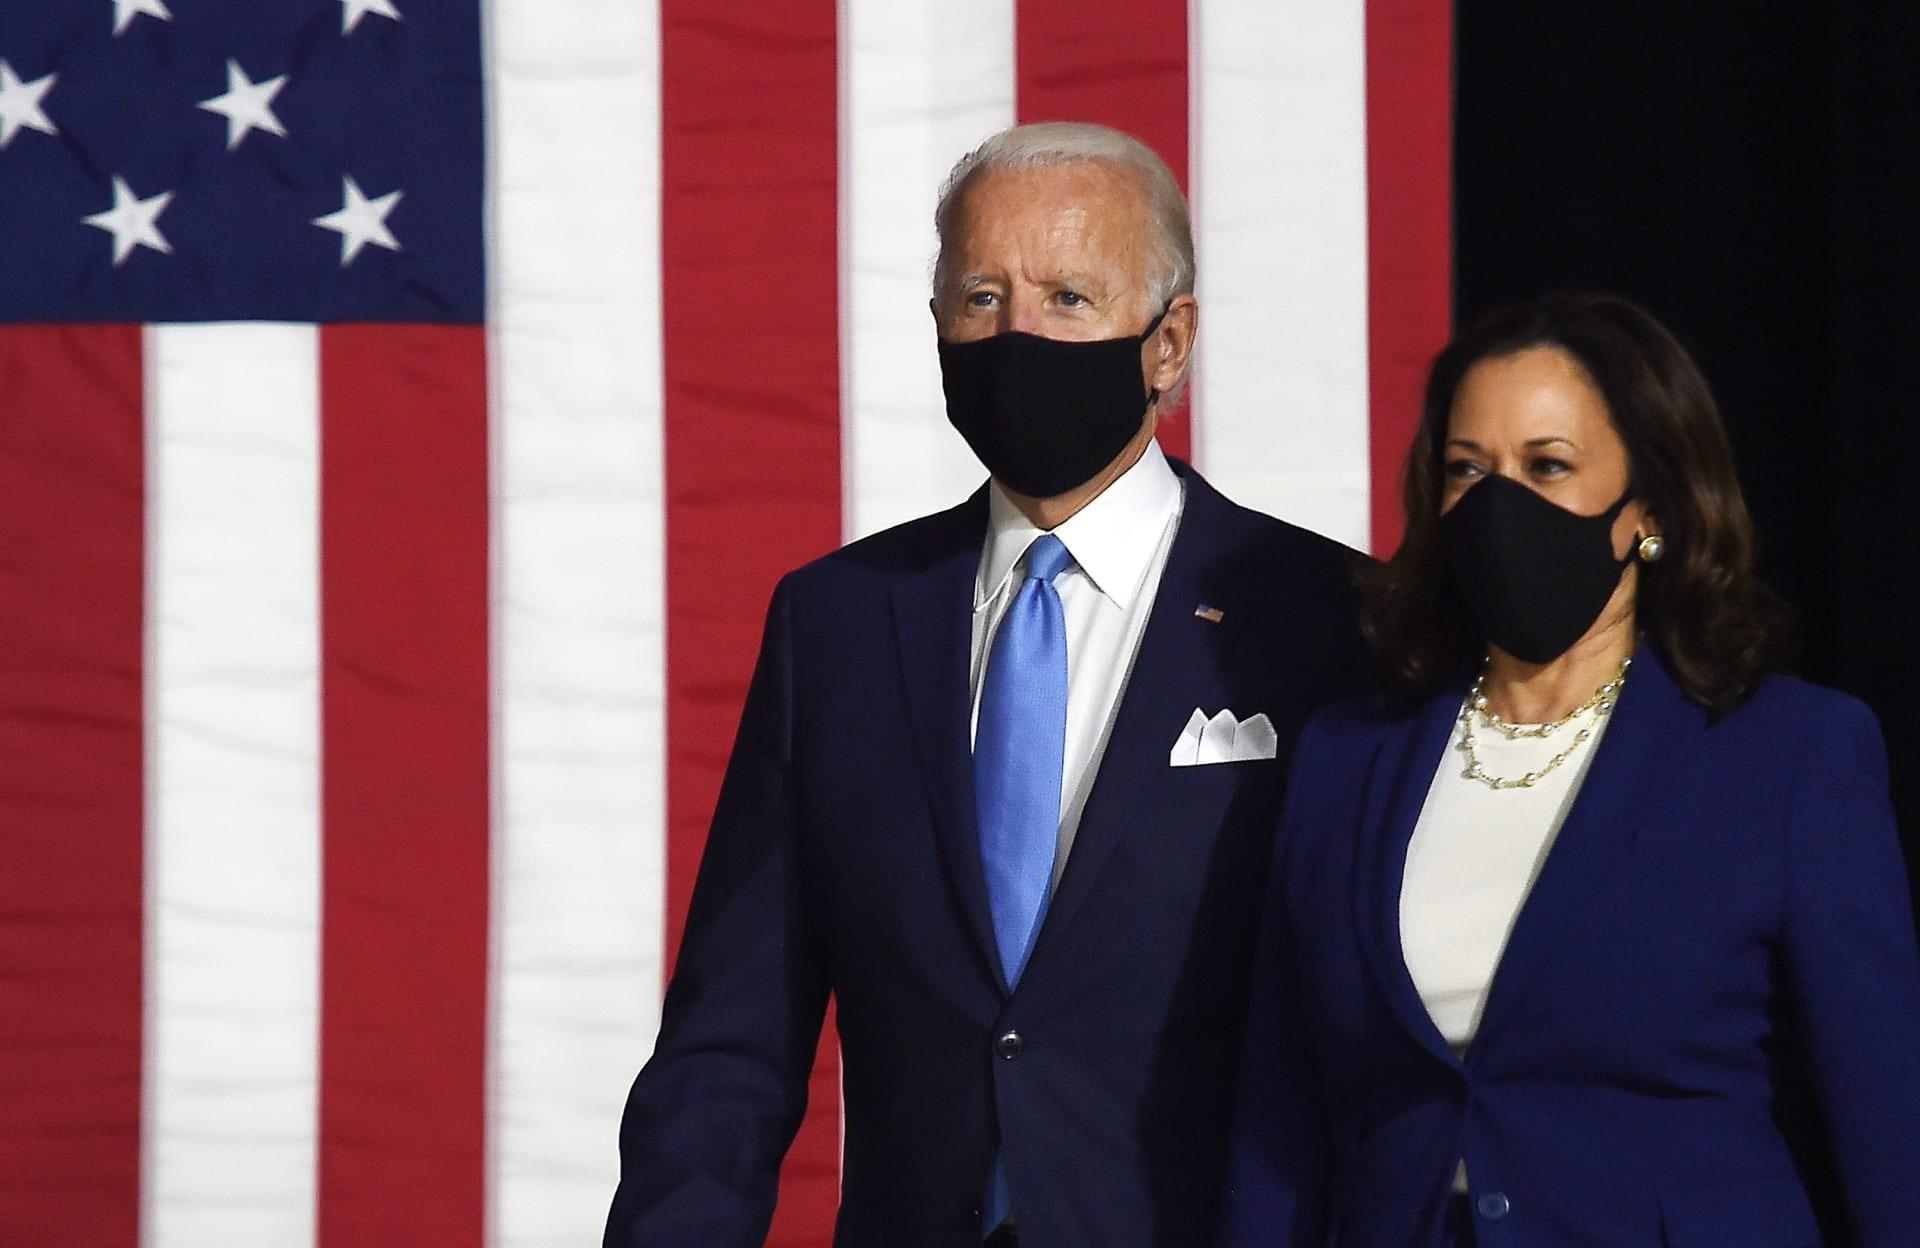 الرئيس الأميركي جو بايدن ونائبته كامالا هاريس